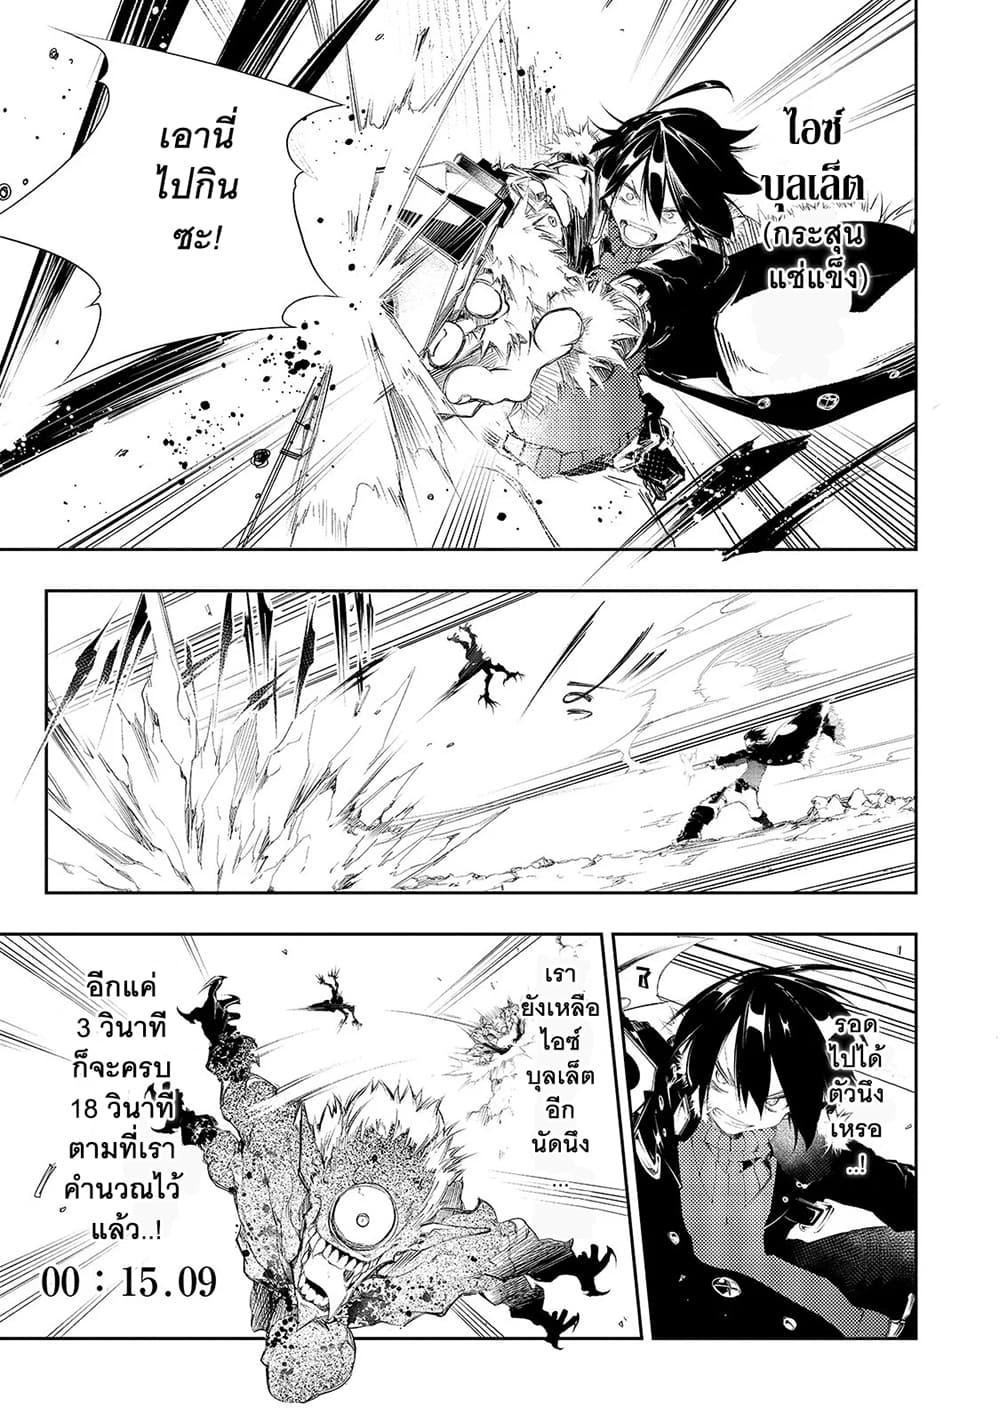 อ่านการ์ตูน Saikyou no Shien-shoku Wajutsushi Dearu Ore wa Sekai Saikyou Kuran o Shitagaeru ตอนที่ 2 หน้าที่ 34